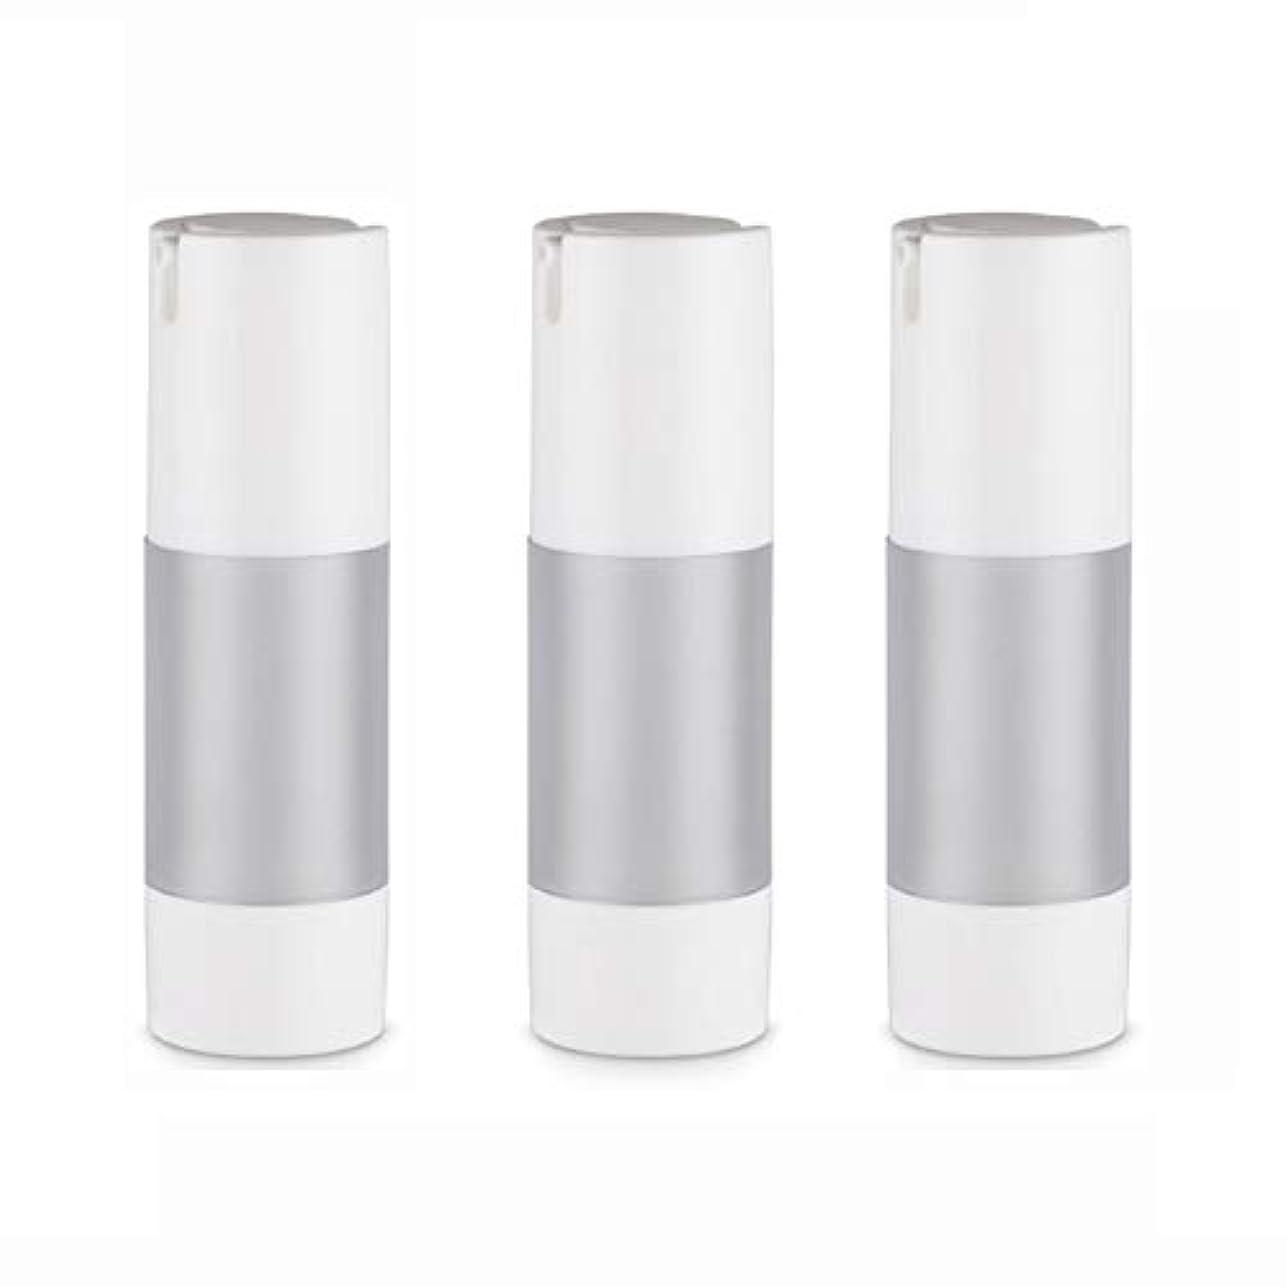 ランチキャリッジムス小分けボトル 乳液 3本セット ディスペンサー ボトル シャンプー ボディーソープ ポンプボトル 真空 ボトル 詰替用ボトル 旅行用 (乳液30ml)